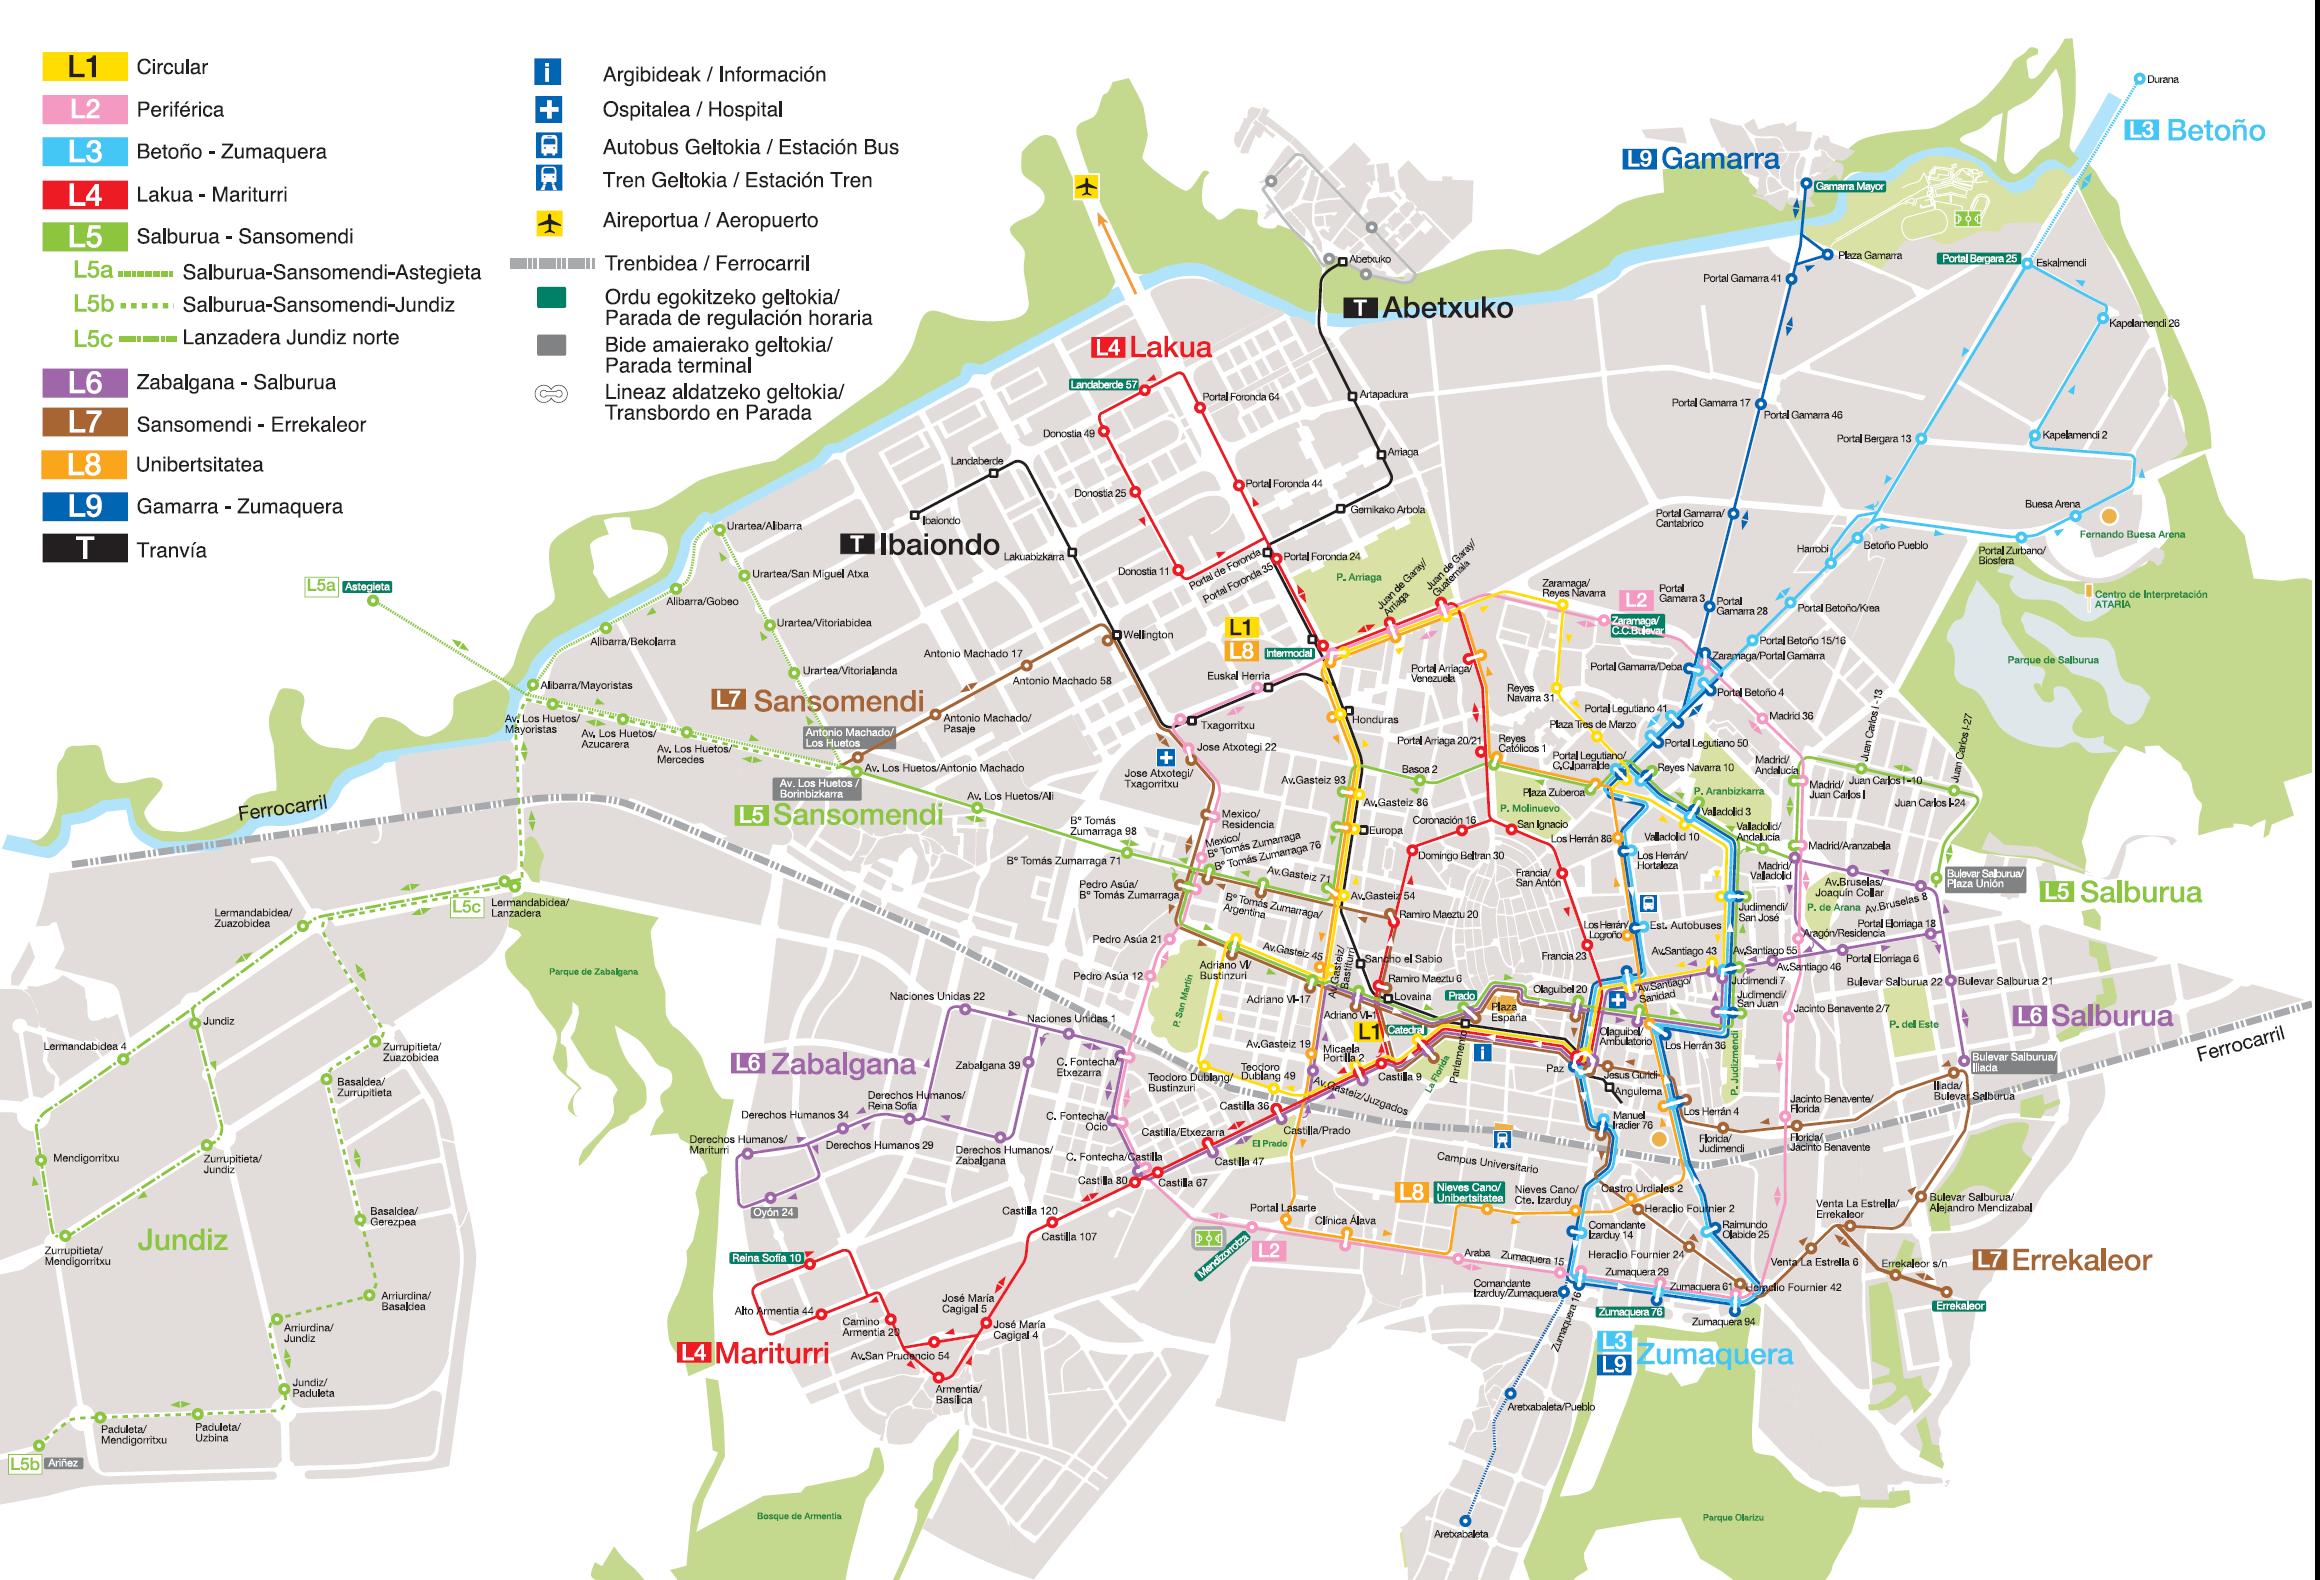 Public transport of Vitoria-Gasteiz